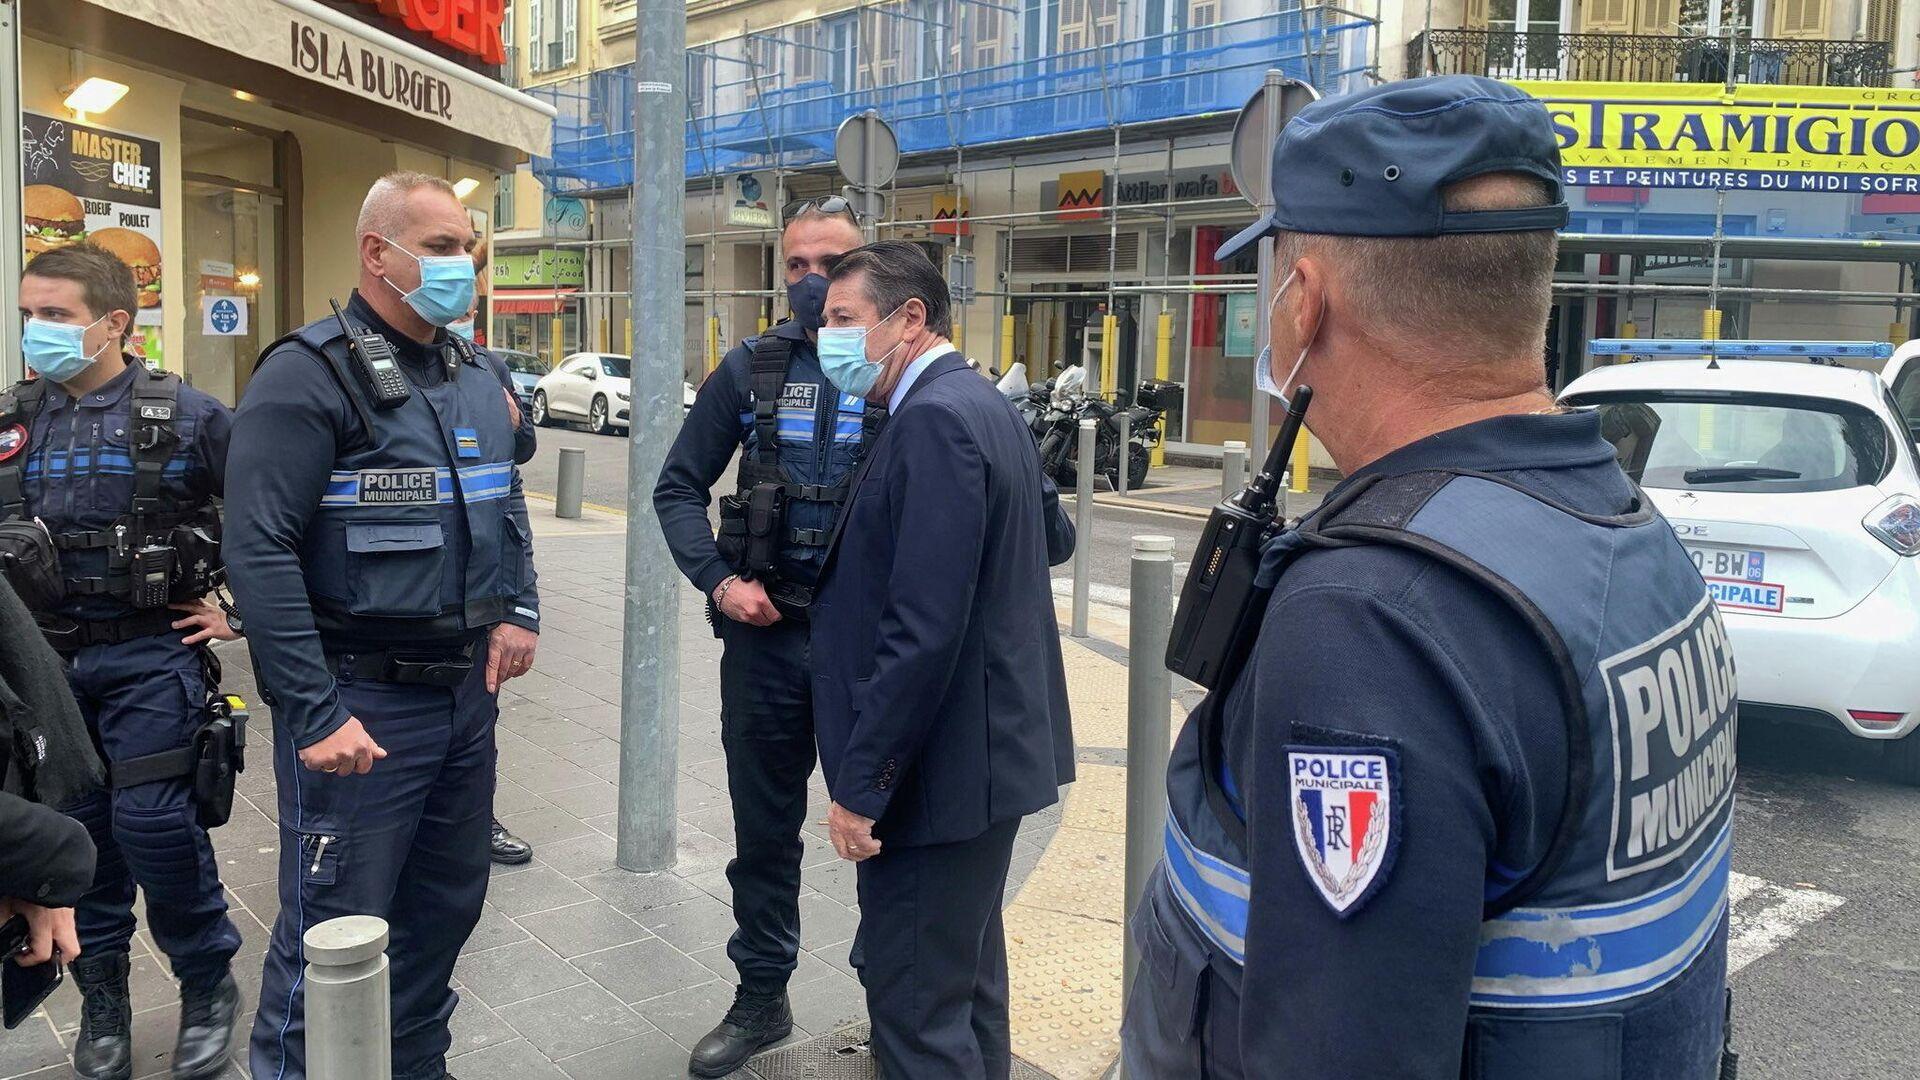 Мэр Ниццы Кристиан Эстрози разговаривает с полицейскими на месте нападания у церкви Нотр-Дам - РИА Новости, 1920, 30.10.2020